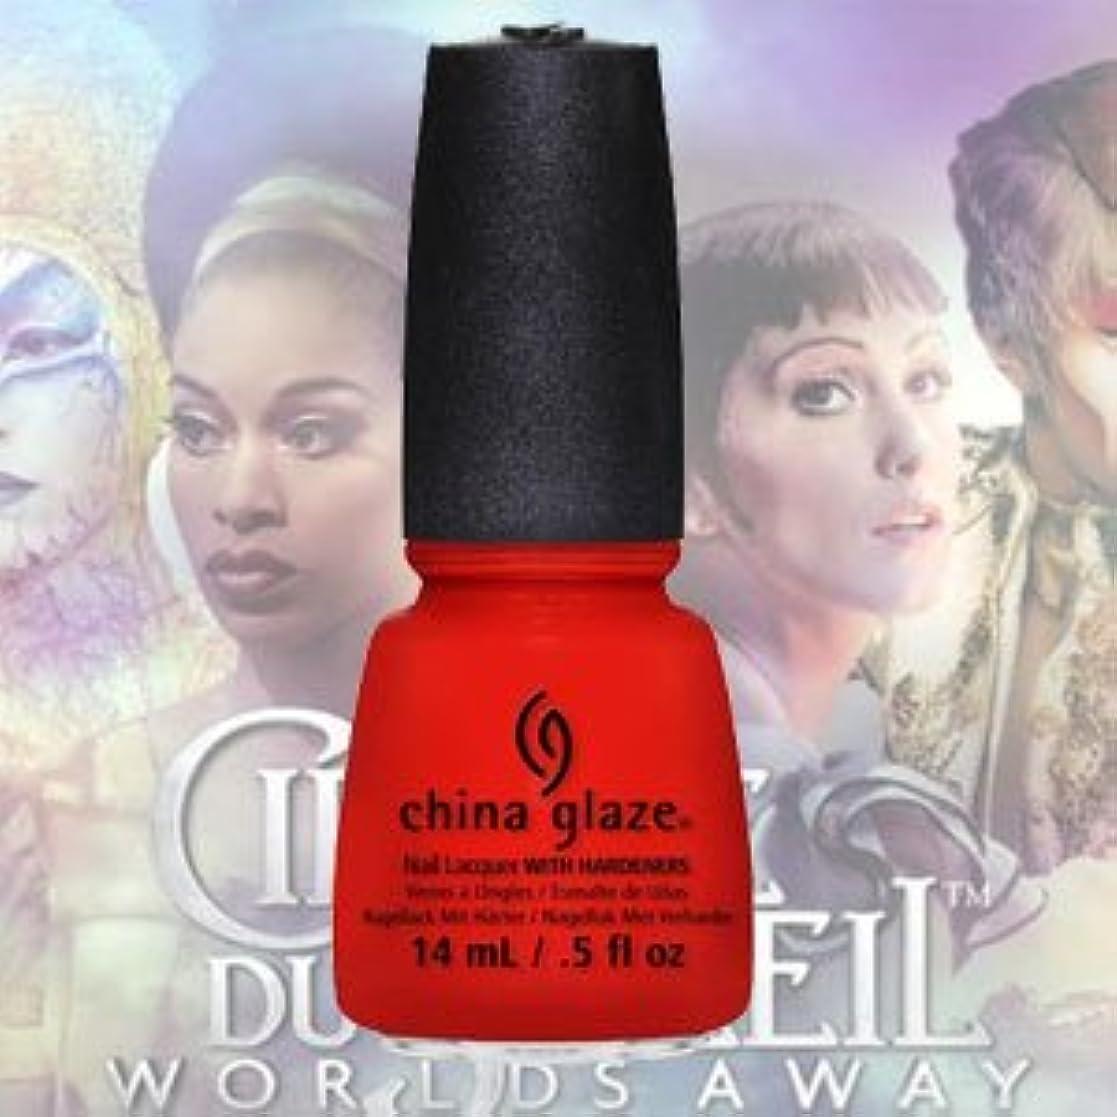 さようなら取り囲むブラジャー(チャイナグレイズ)China Glaze Igniting LoveーCirque Du Soleil コレクション [海外直送品][並行輸入品]